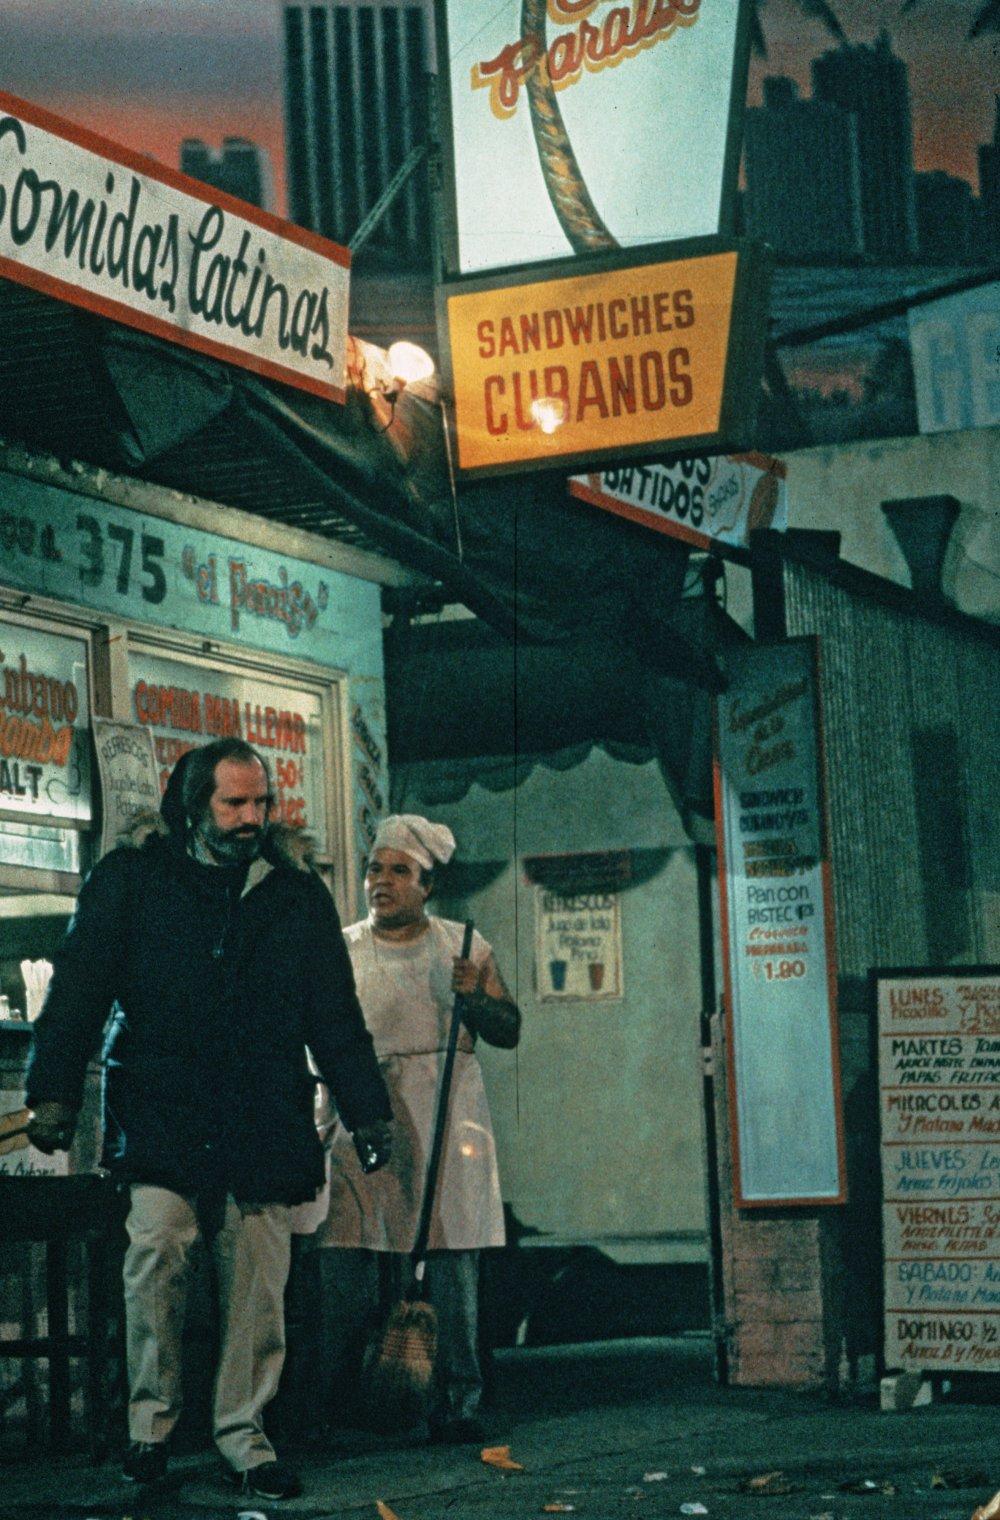 De Palma on location in a Cuban neighbourhood of Miami